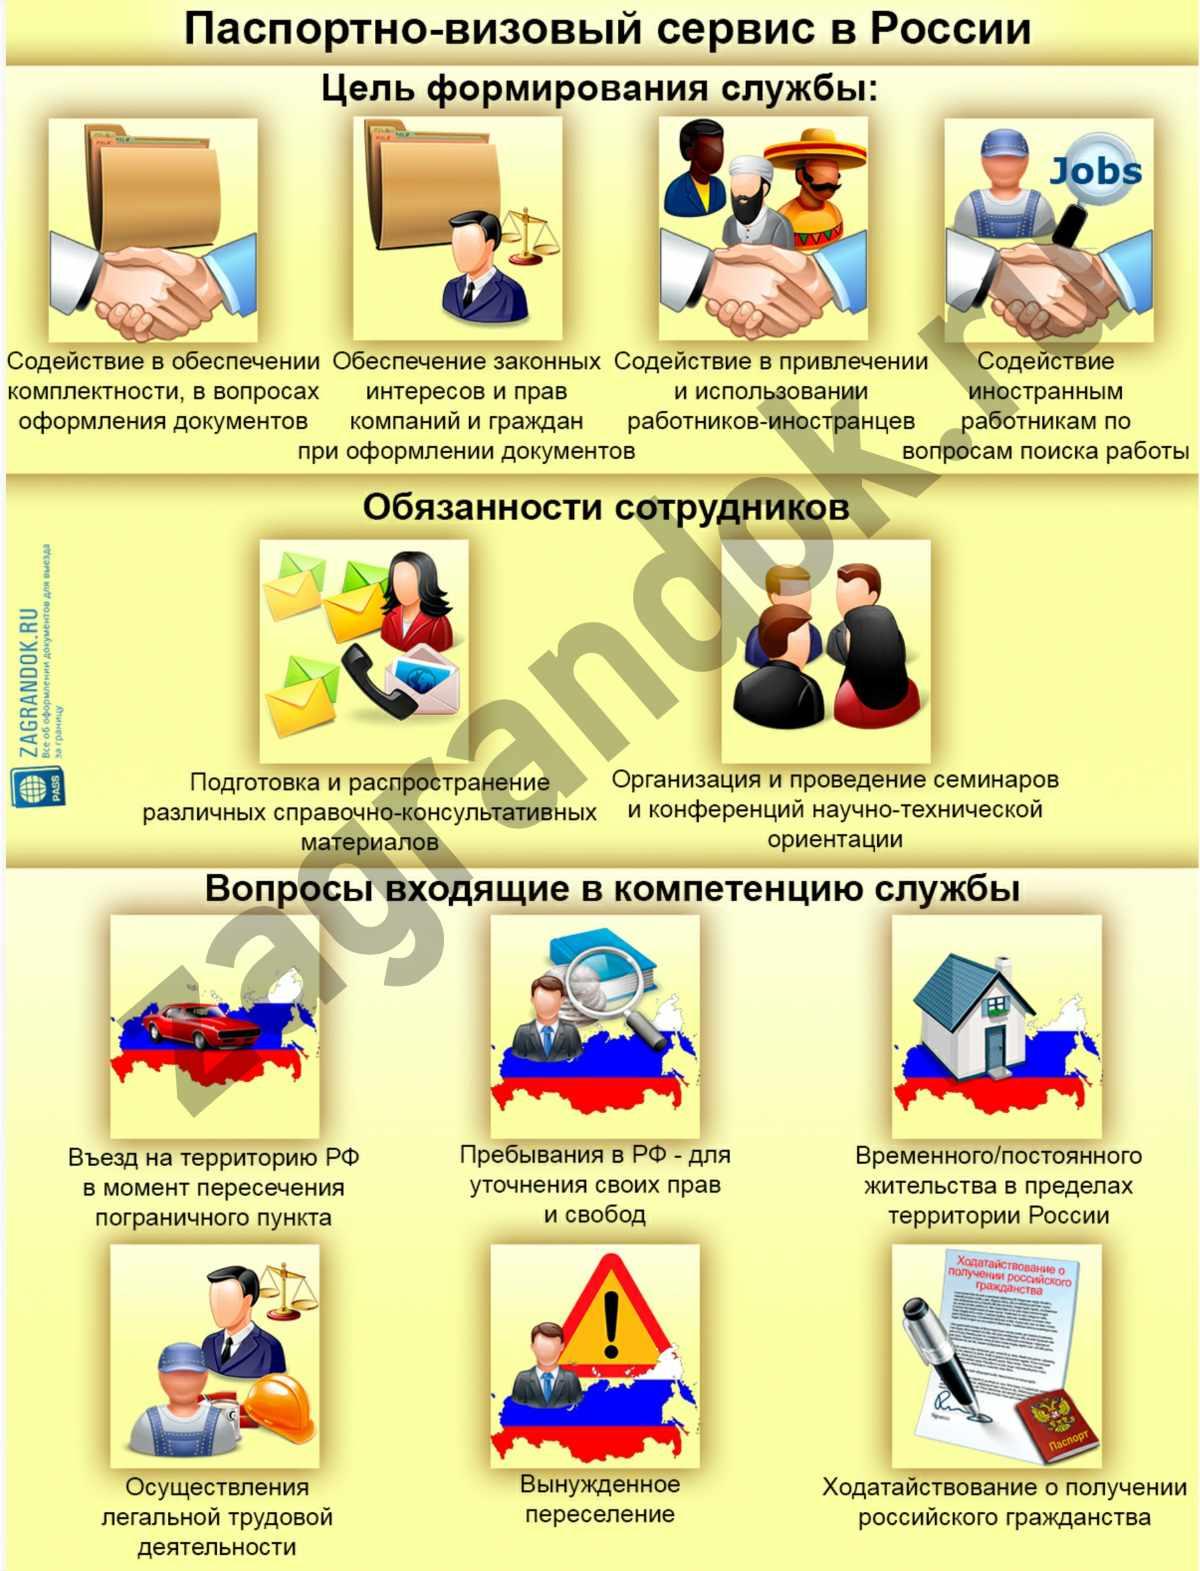 Паспортно-визовый сервис в России